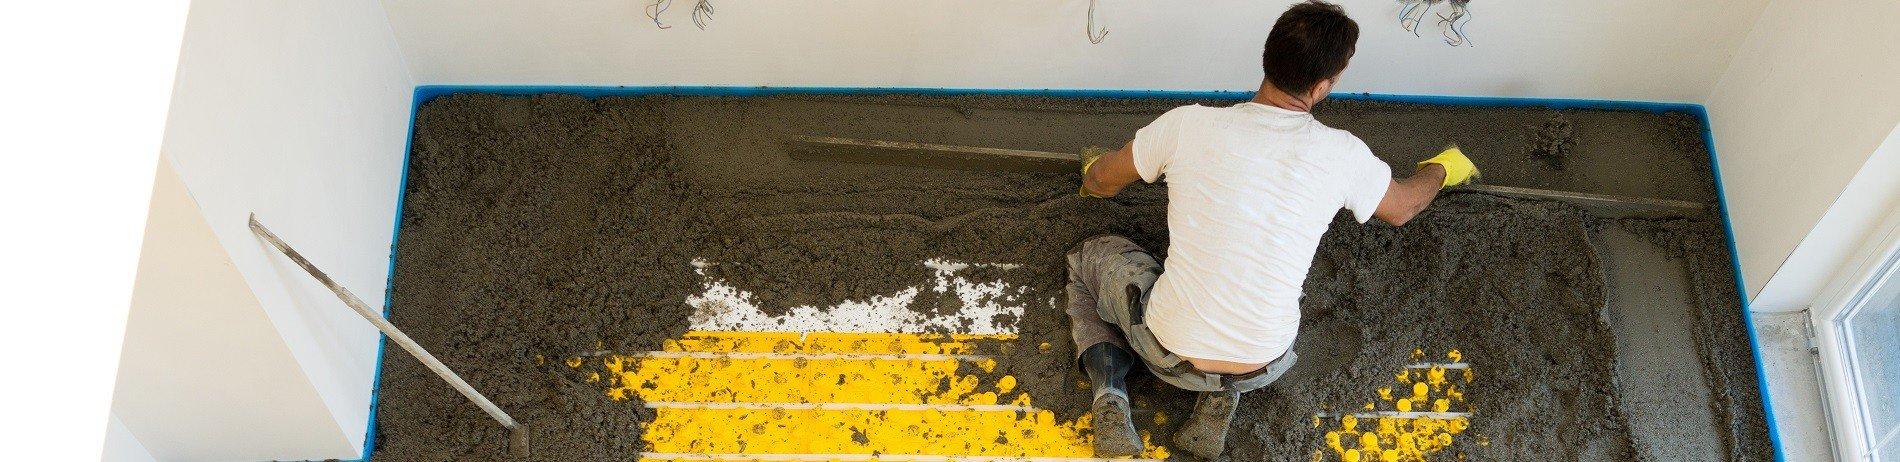 Полусухая стяжка или марочный бетон на гранитном щебне. Чем лучше залить ТП?